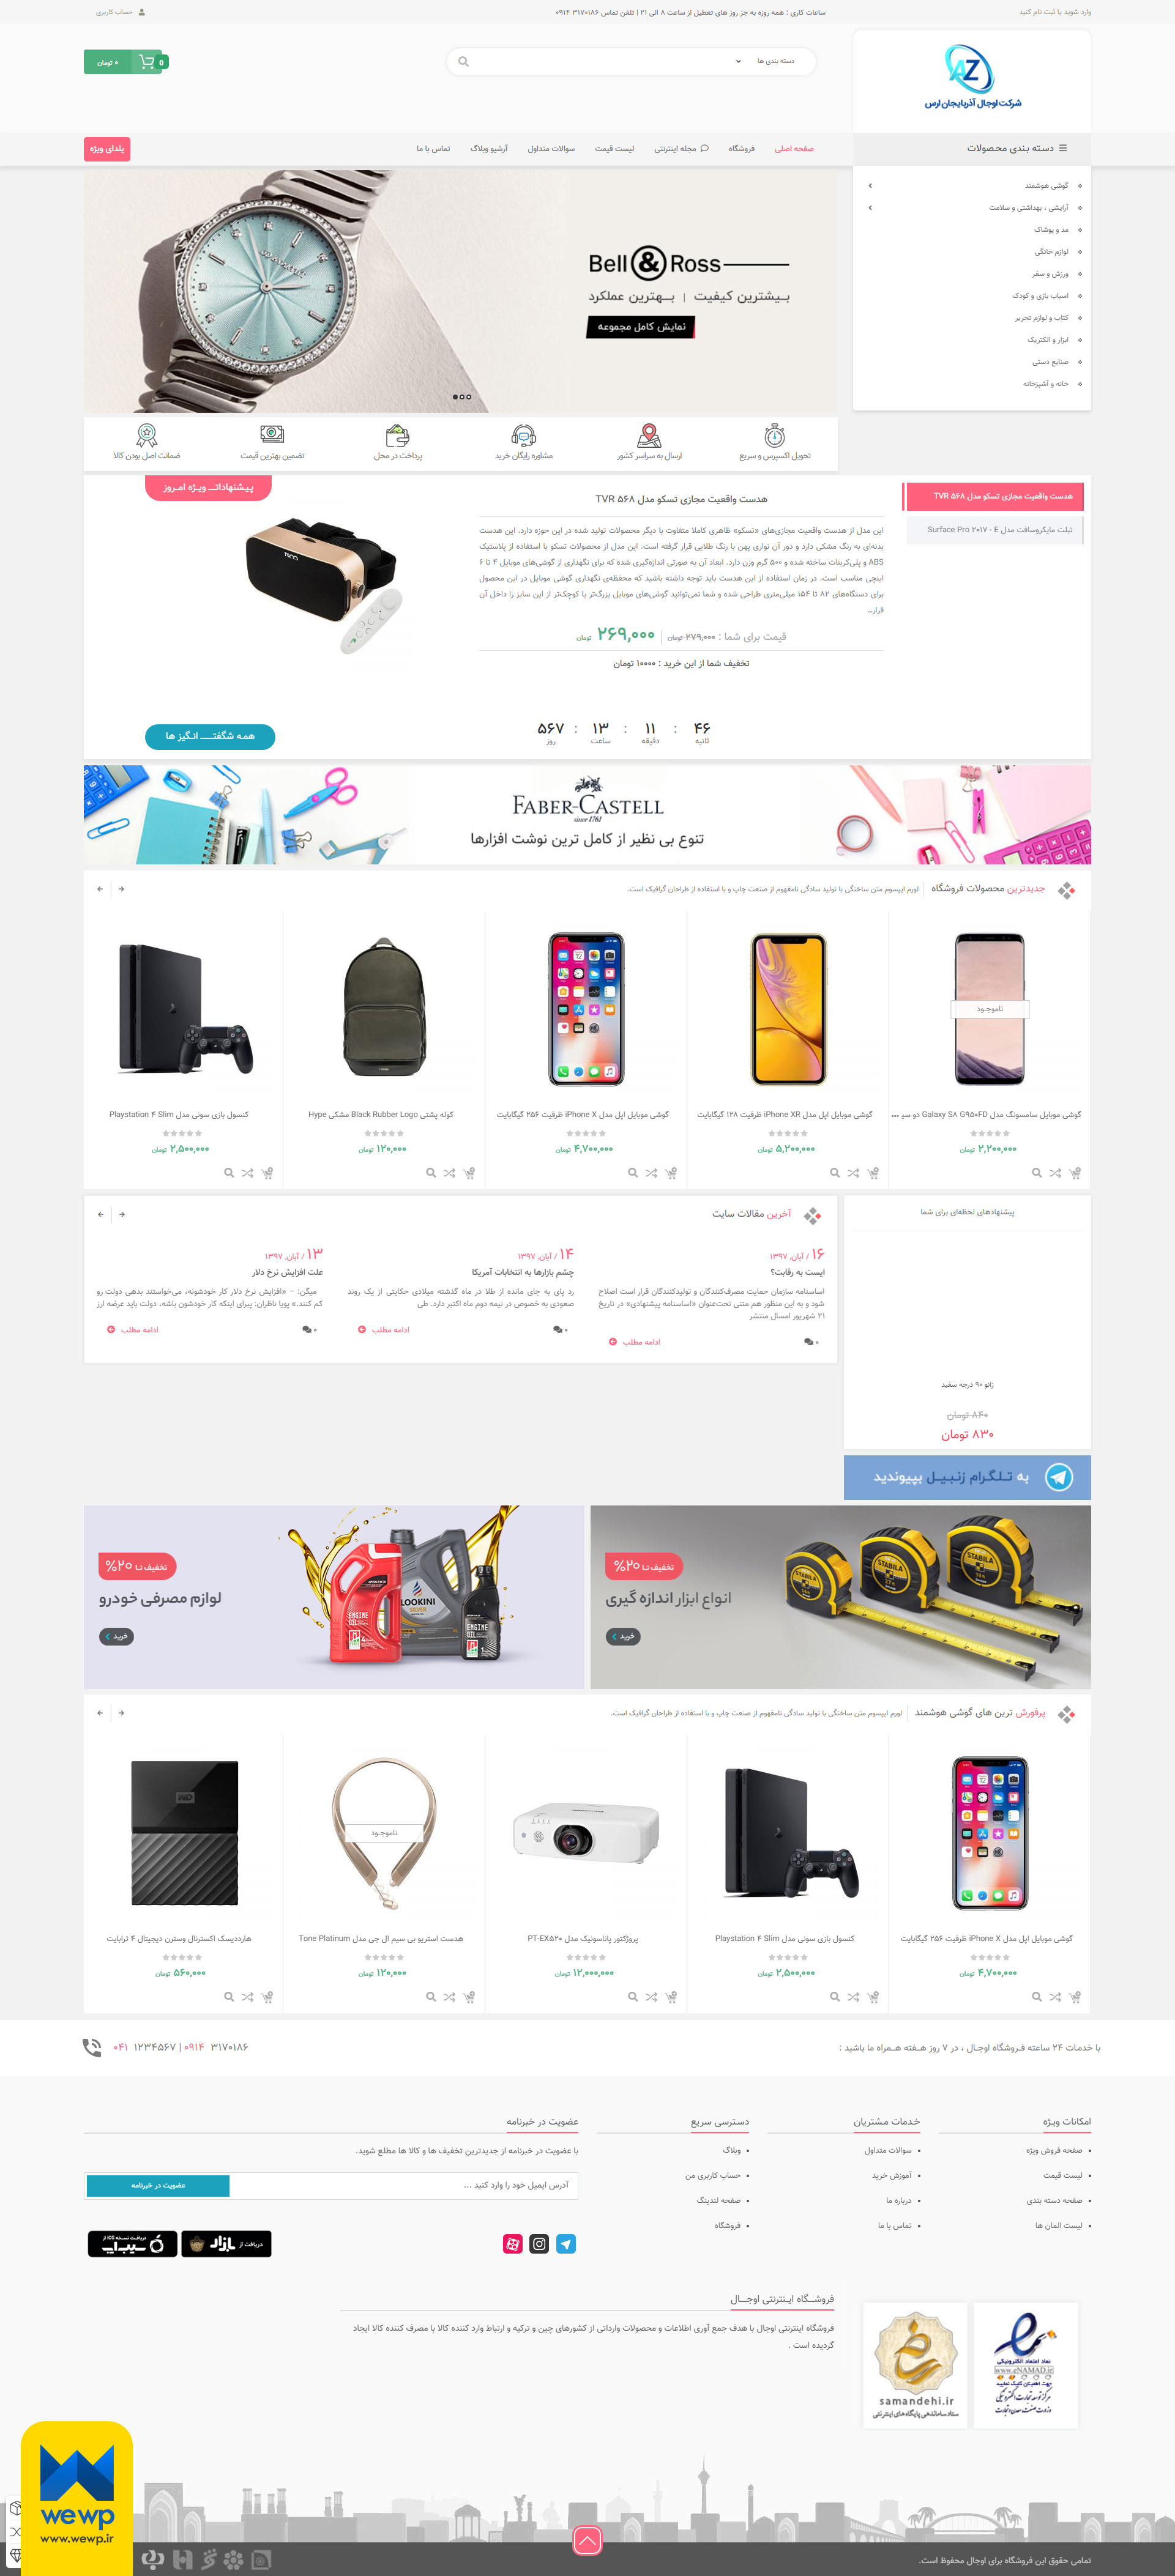 طراحی فروشگاه اینترنتی اوجال